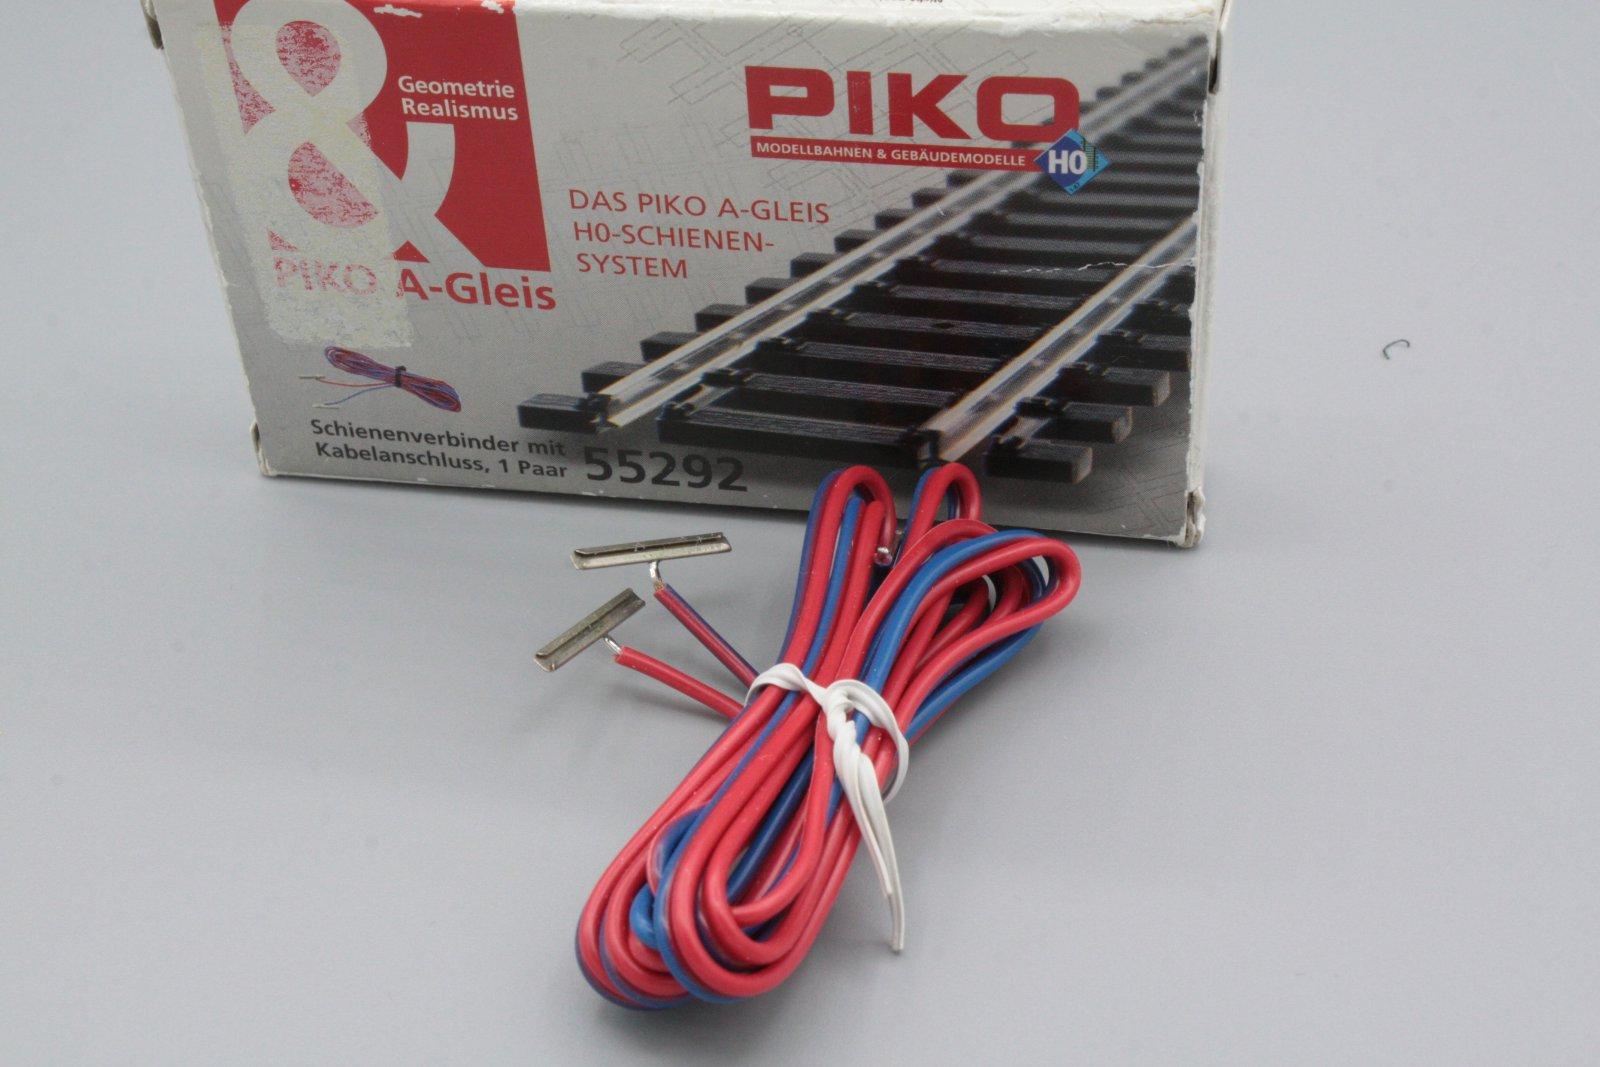 Piko 55292 Schienenverbinder mit Kabelanschluss - Packung mit Lagerungsspuren